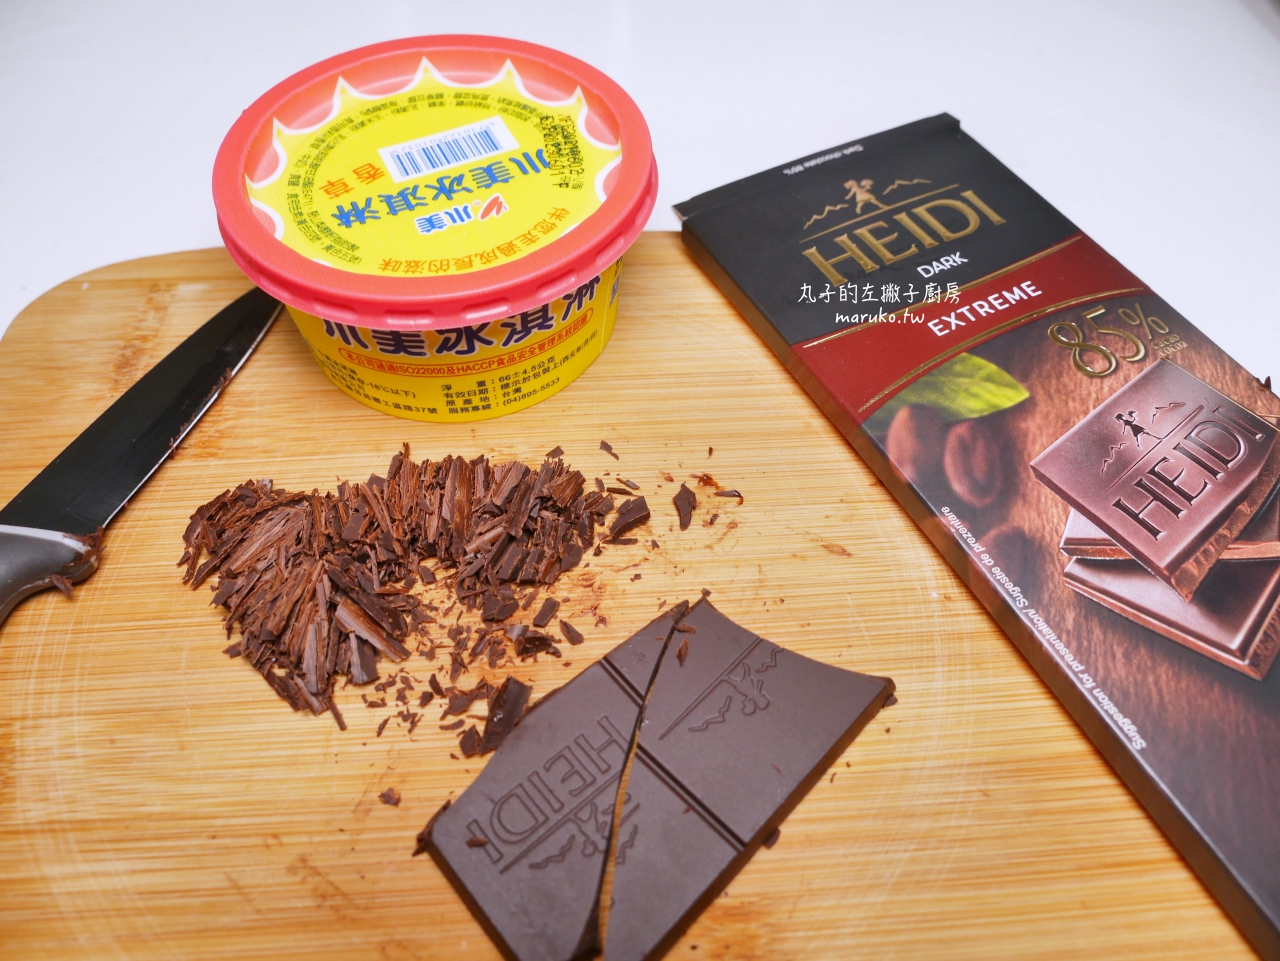 【食譜】黑巧克力脆片冰淇淋 小美冰淇淋 X 瑞士赫蒂 85% 黑巧克力 高級感創意吃法 @Maruko與美食有個約會